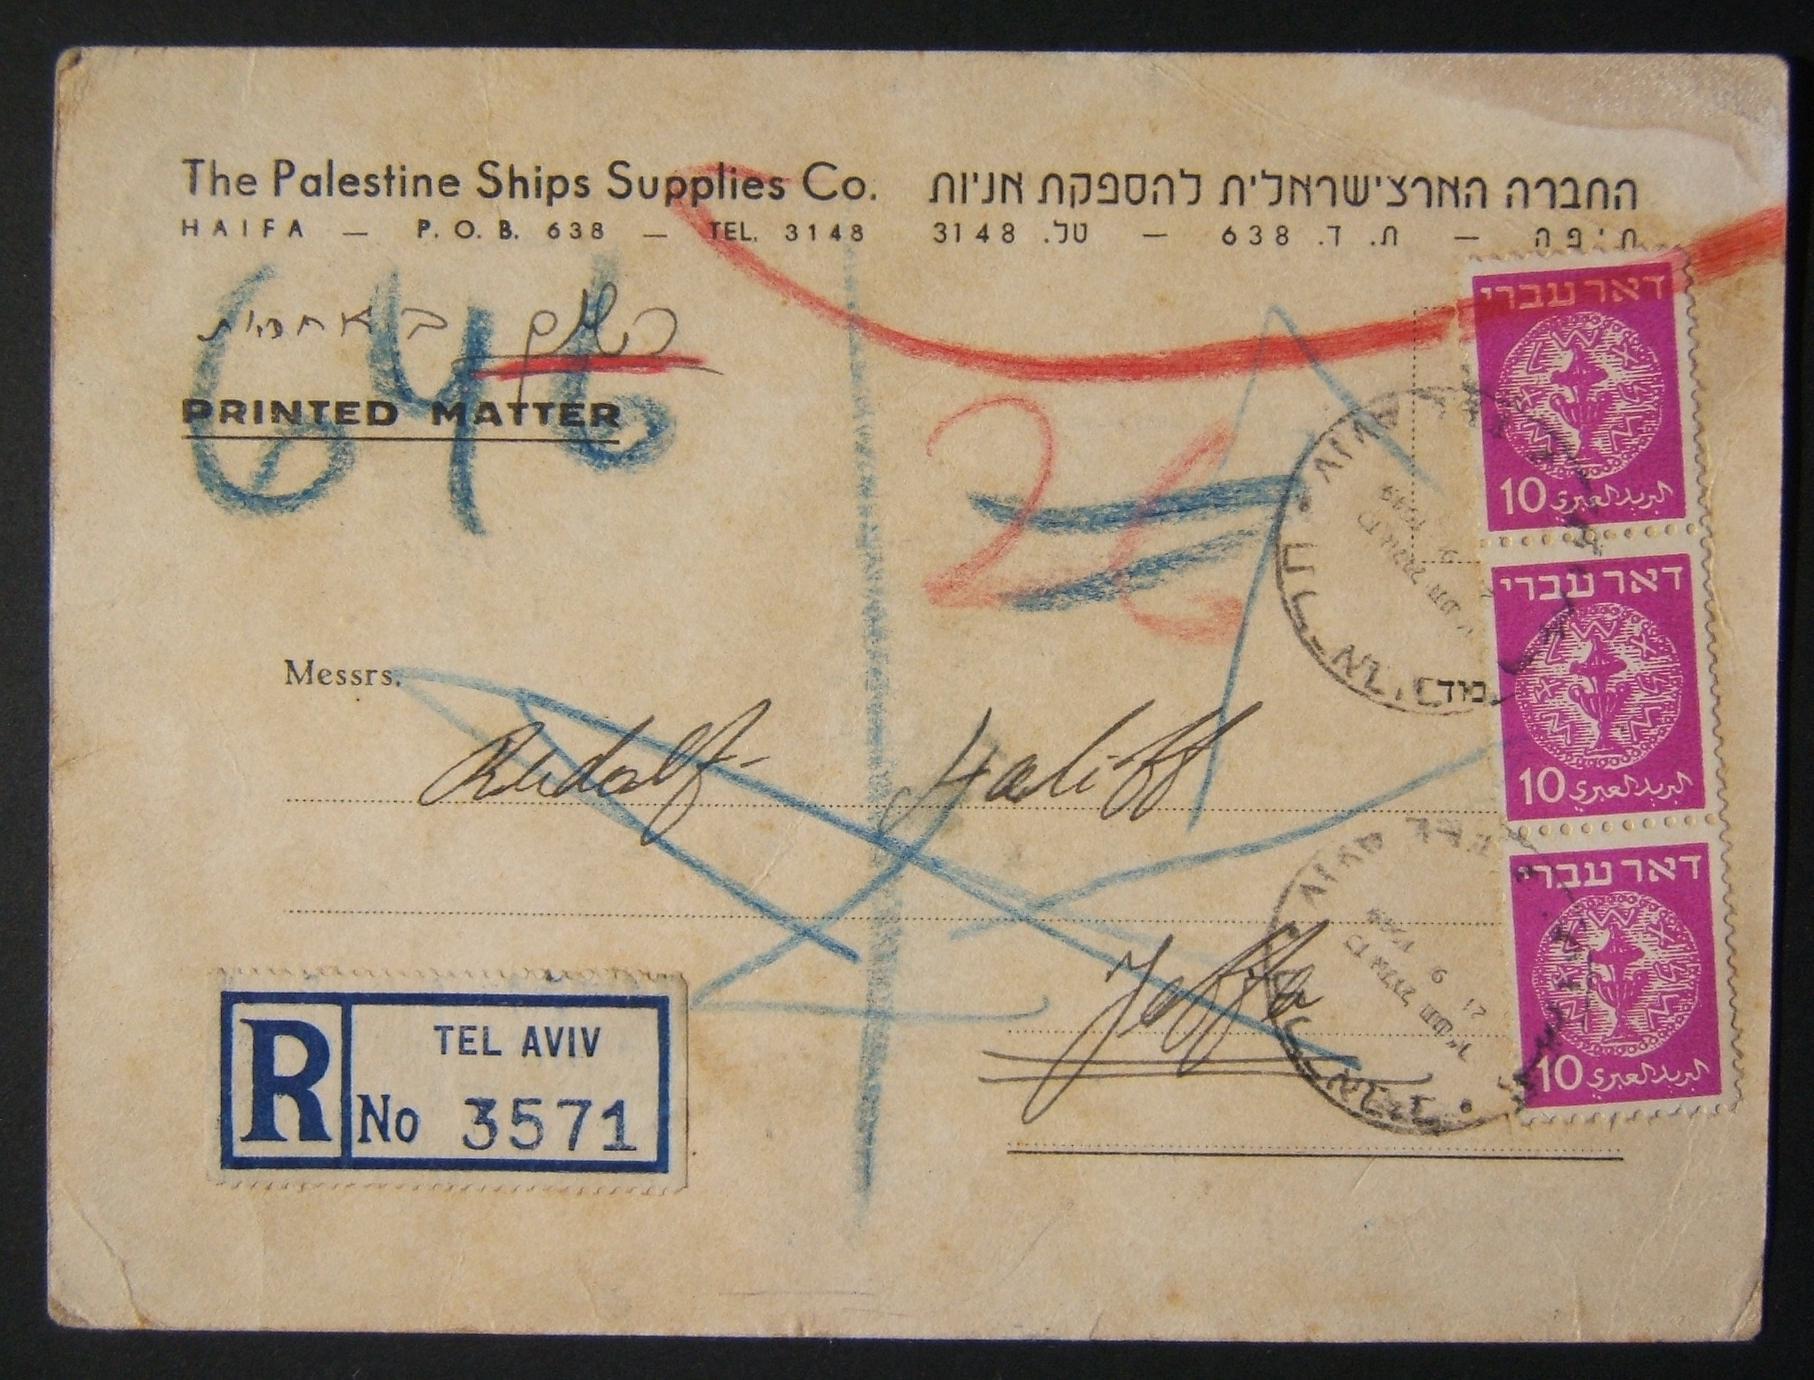 21-9-1949 تل أبيب تلجأ إلى حيفا عادت المطبوعة بعد البطاقة مع Doar Ivri بصراحة